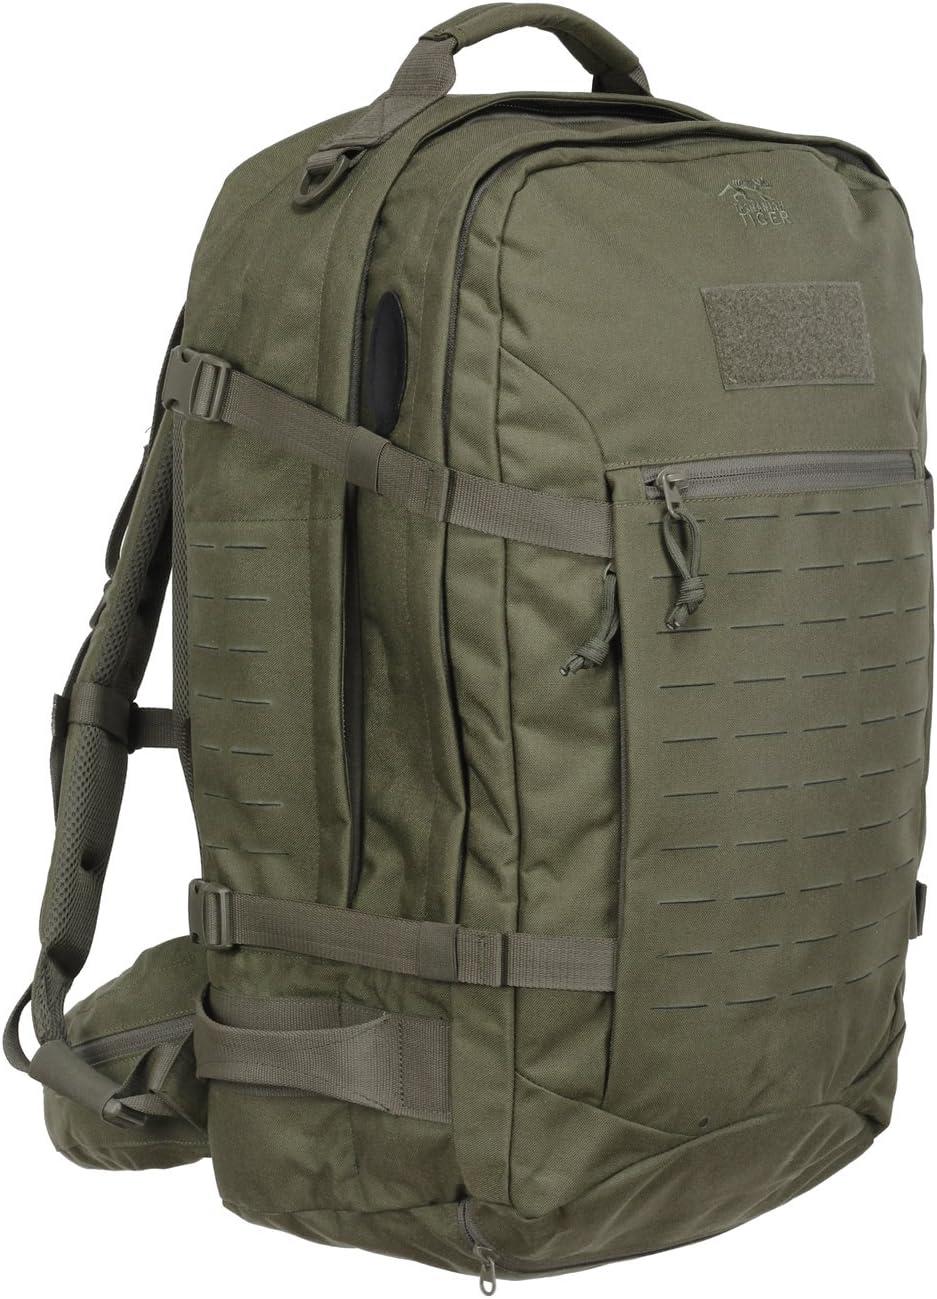 con Muchos Compartimentos 37 litros de Volumen Tasmanian Tiger TT Mission Pack MKII Mochila de Excursionismo Militar Tactical Compatible con Molle